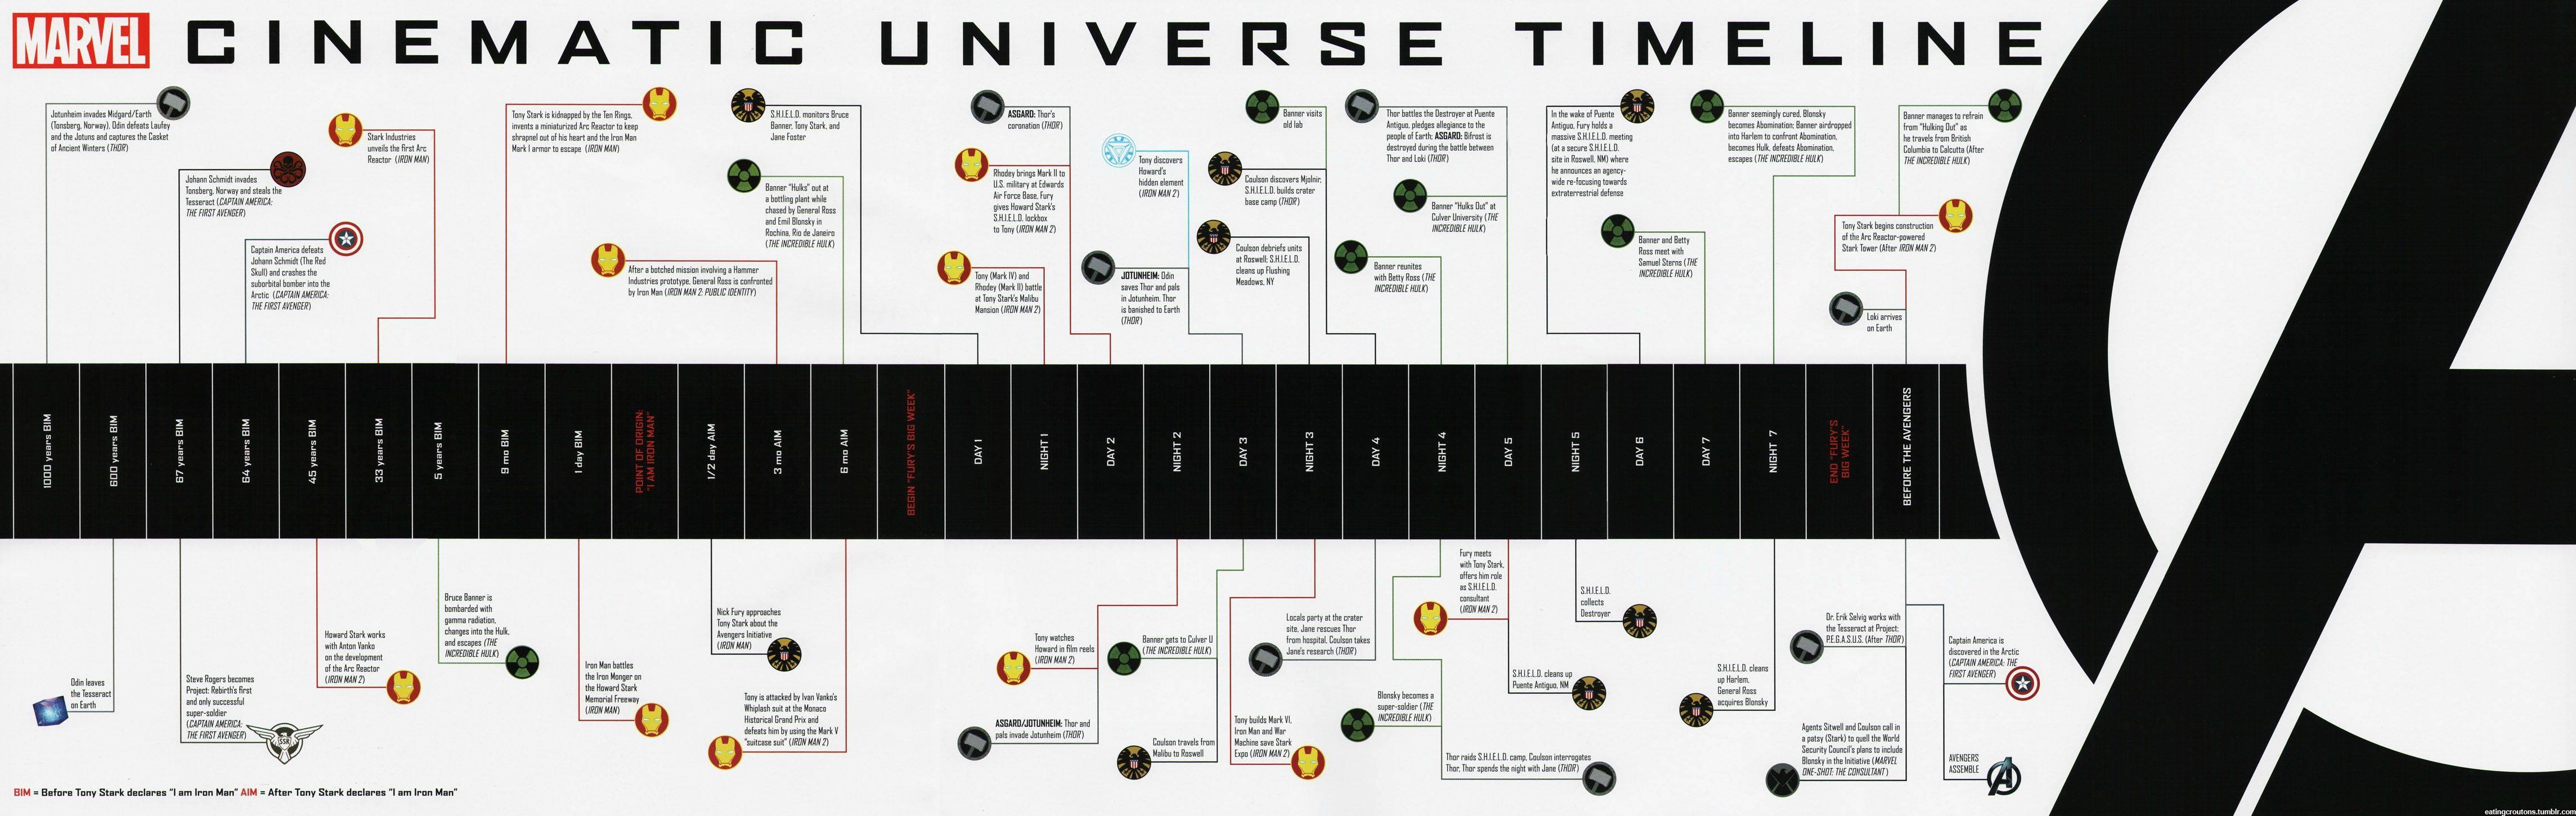 marvel-movie-timeline